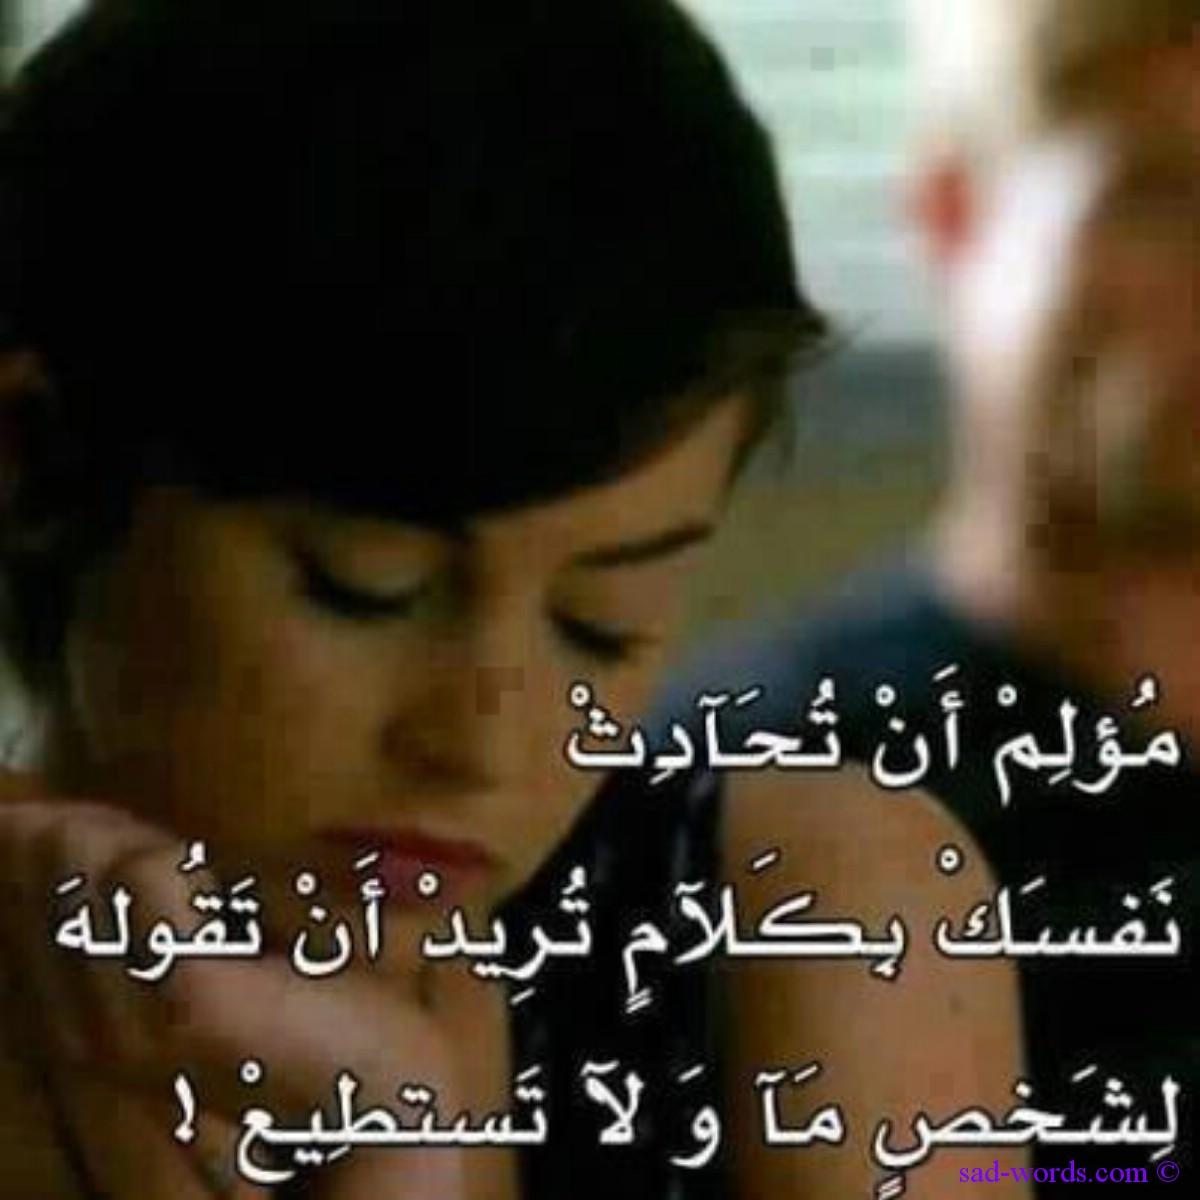 صوره صور حب حزينه احلى صور حزينه صور حب حزينه , حلفيات زعل العشاق